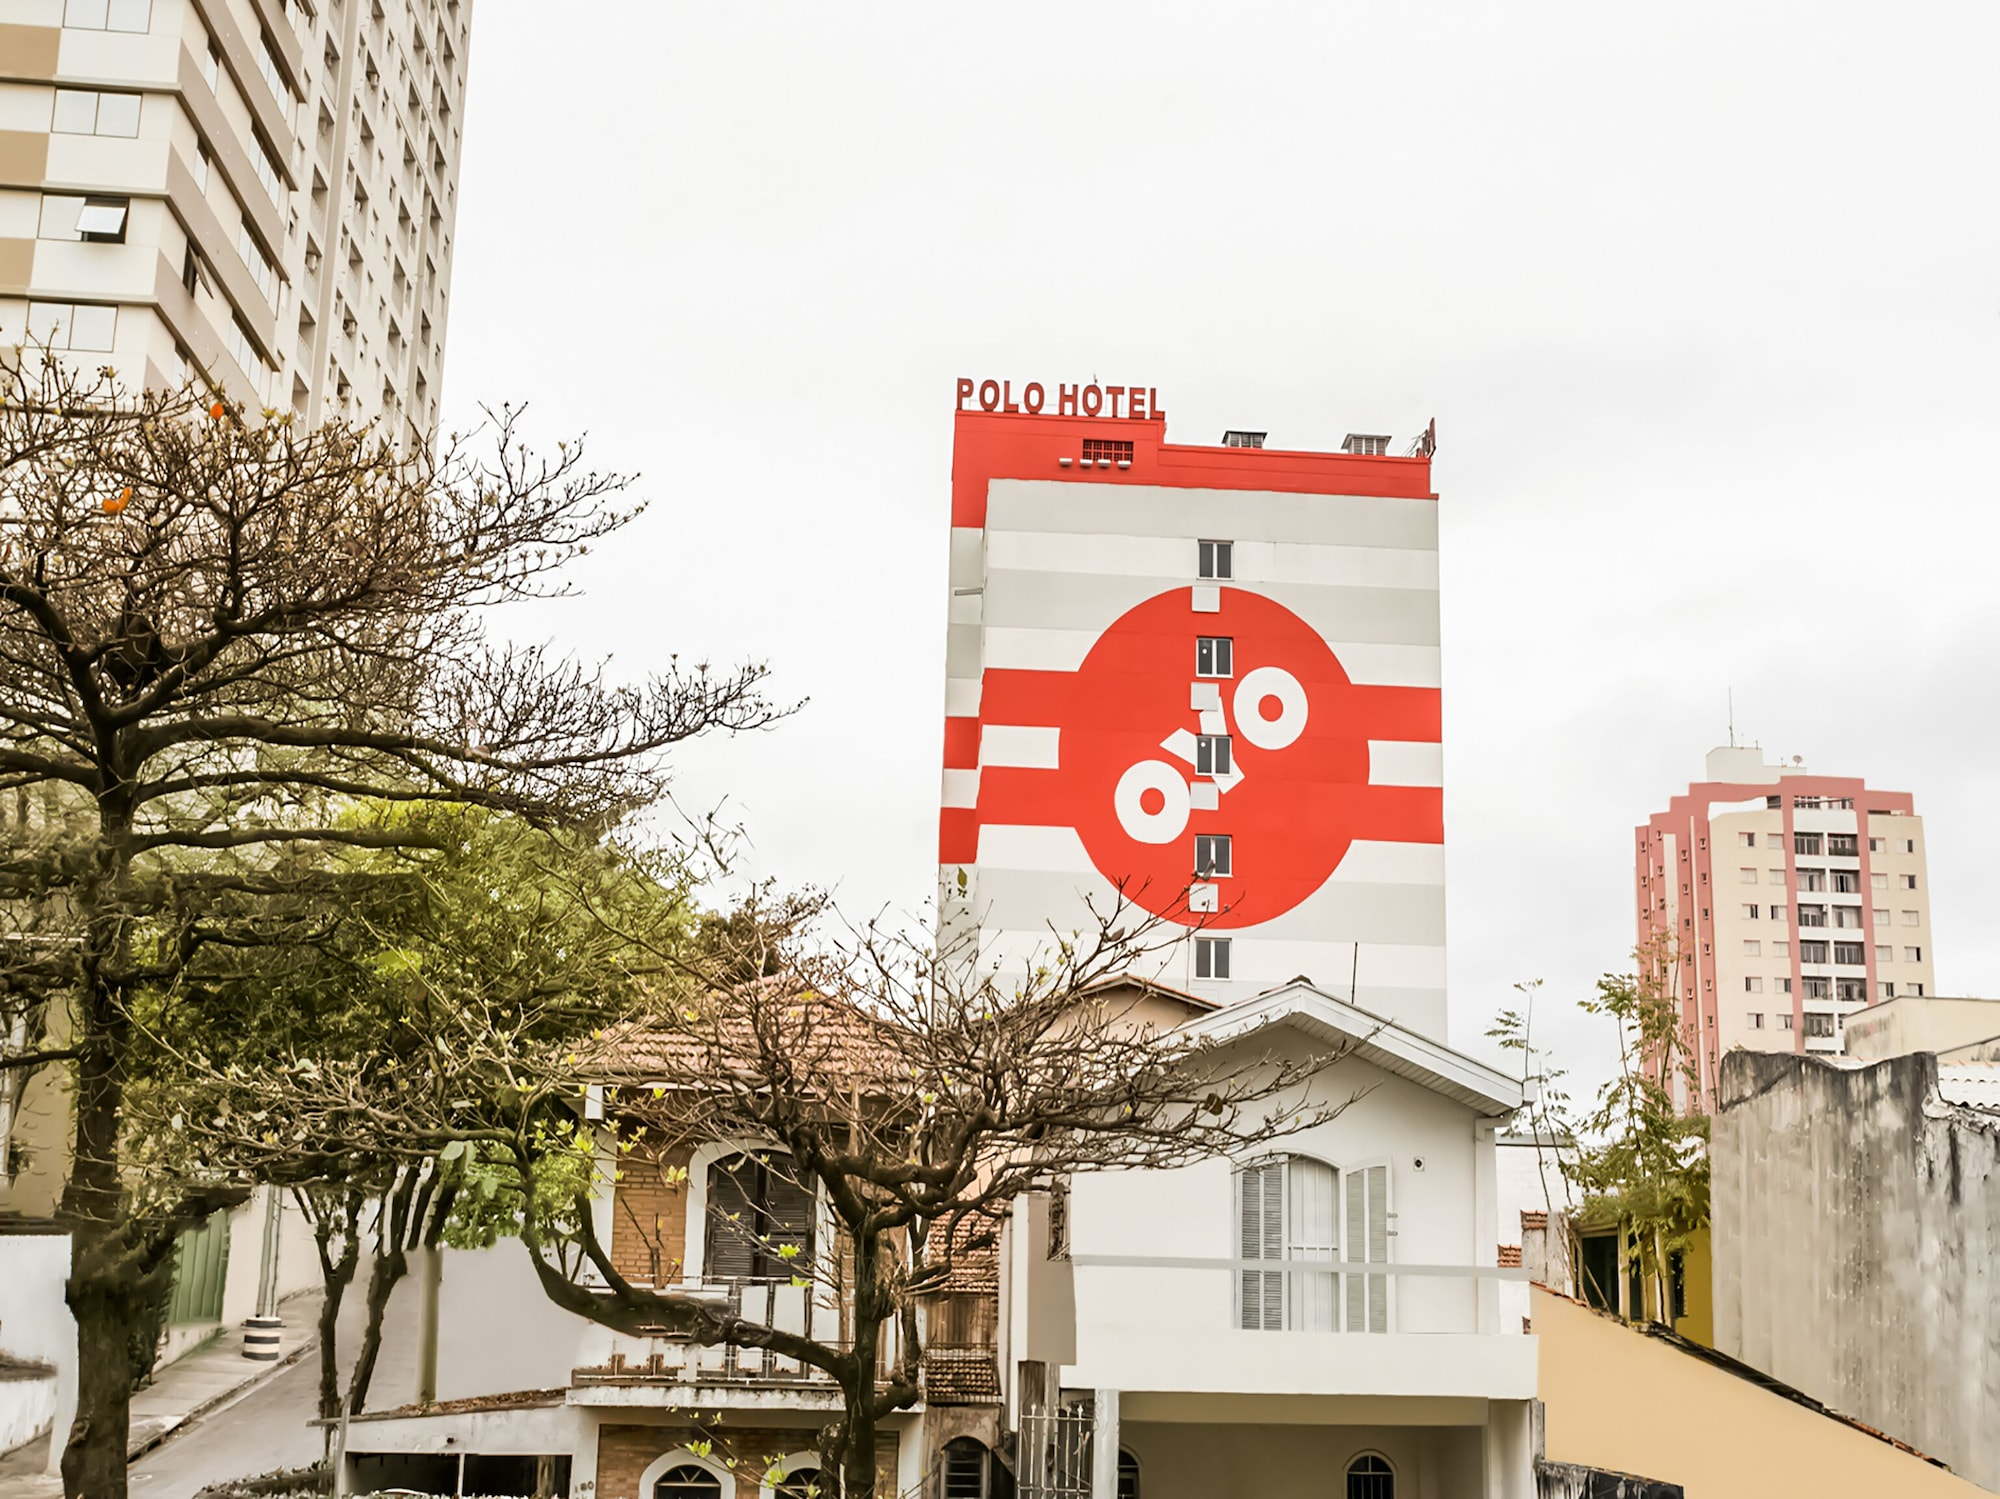 OYO Polo Hotel, São José dos Campos